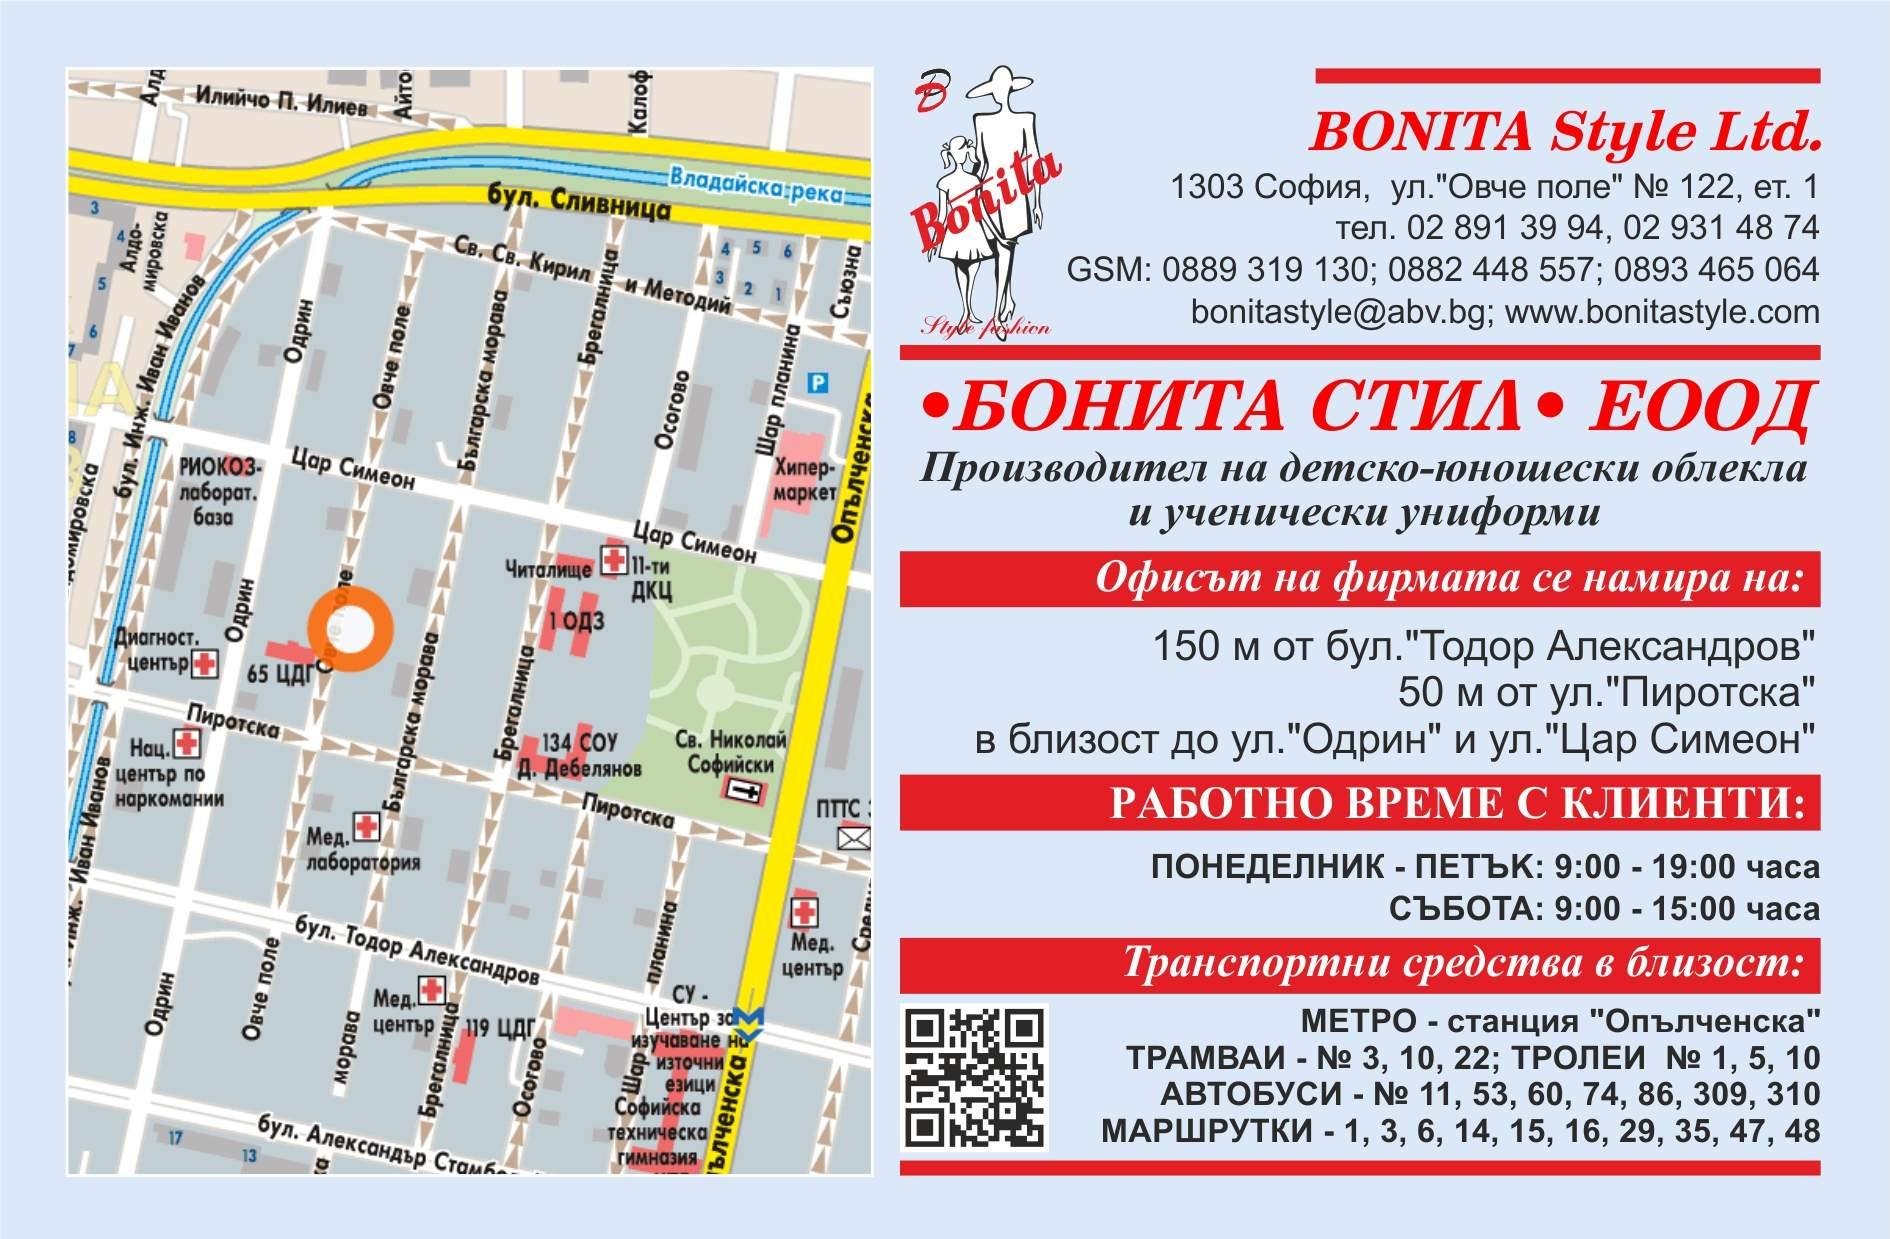 flaer_BonitaStyle_Sofia_bg